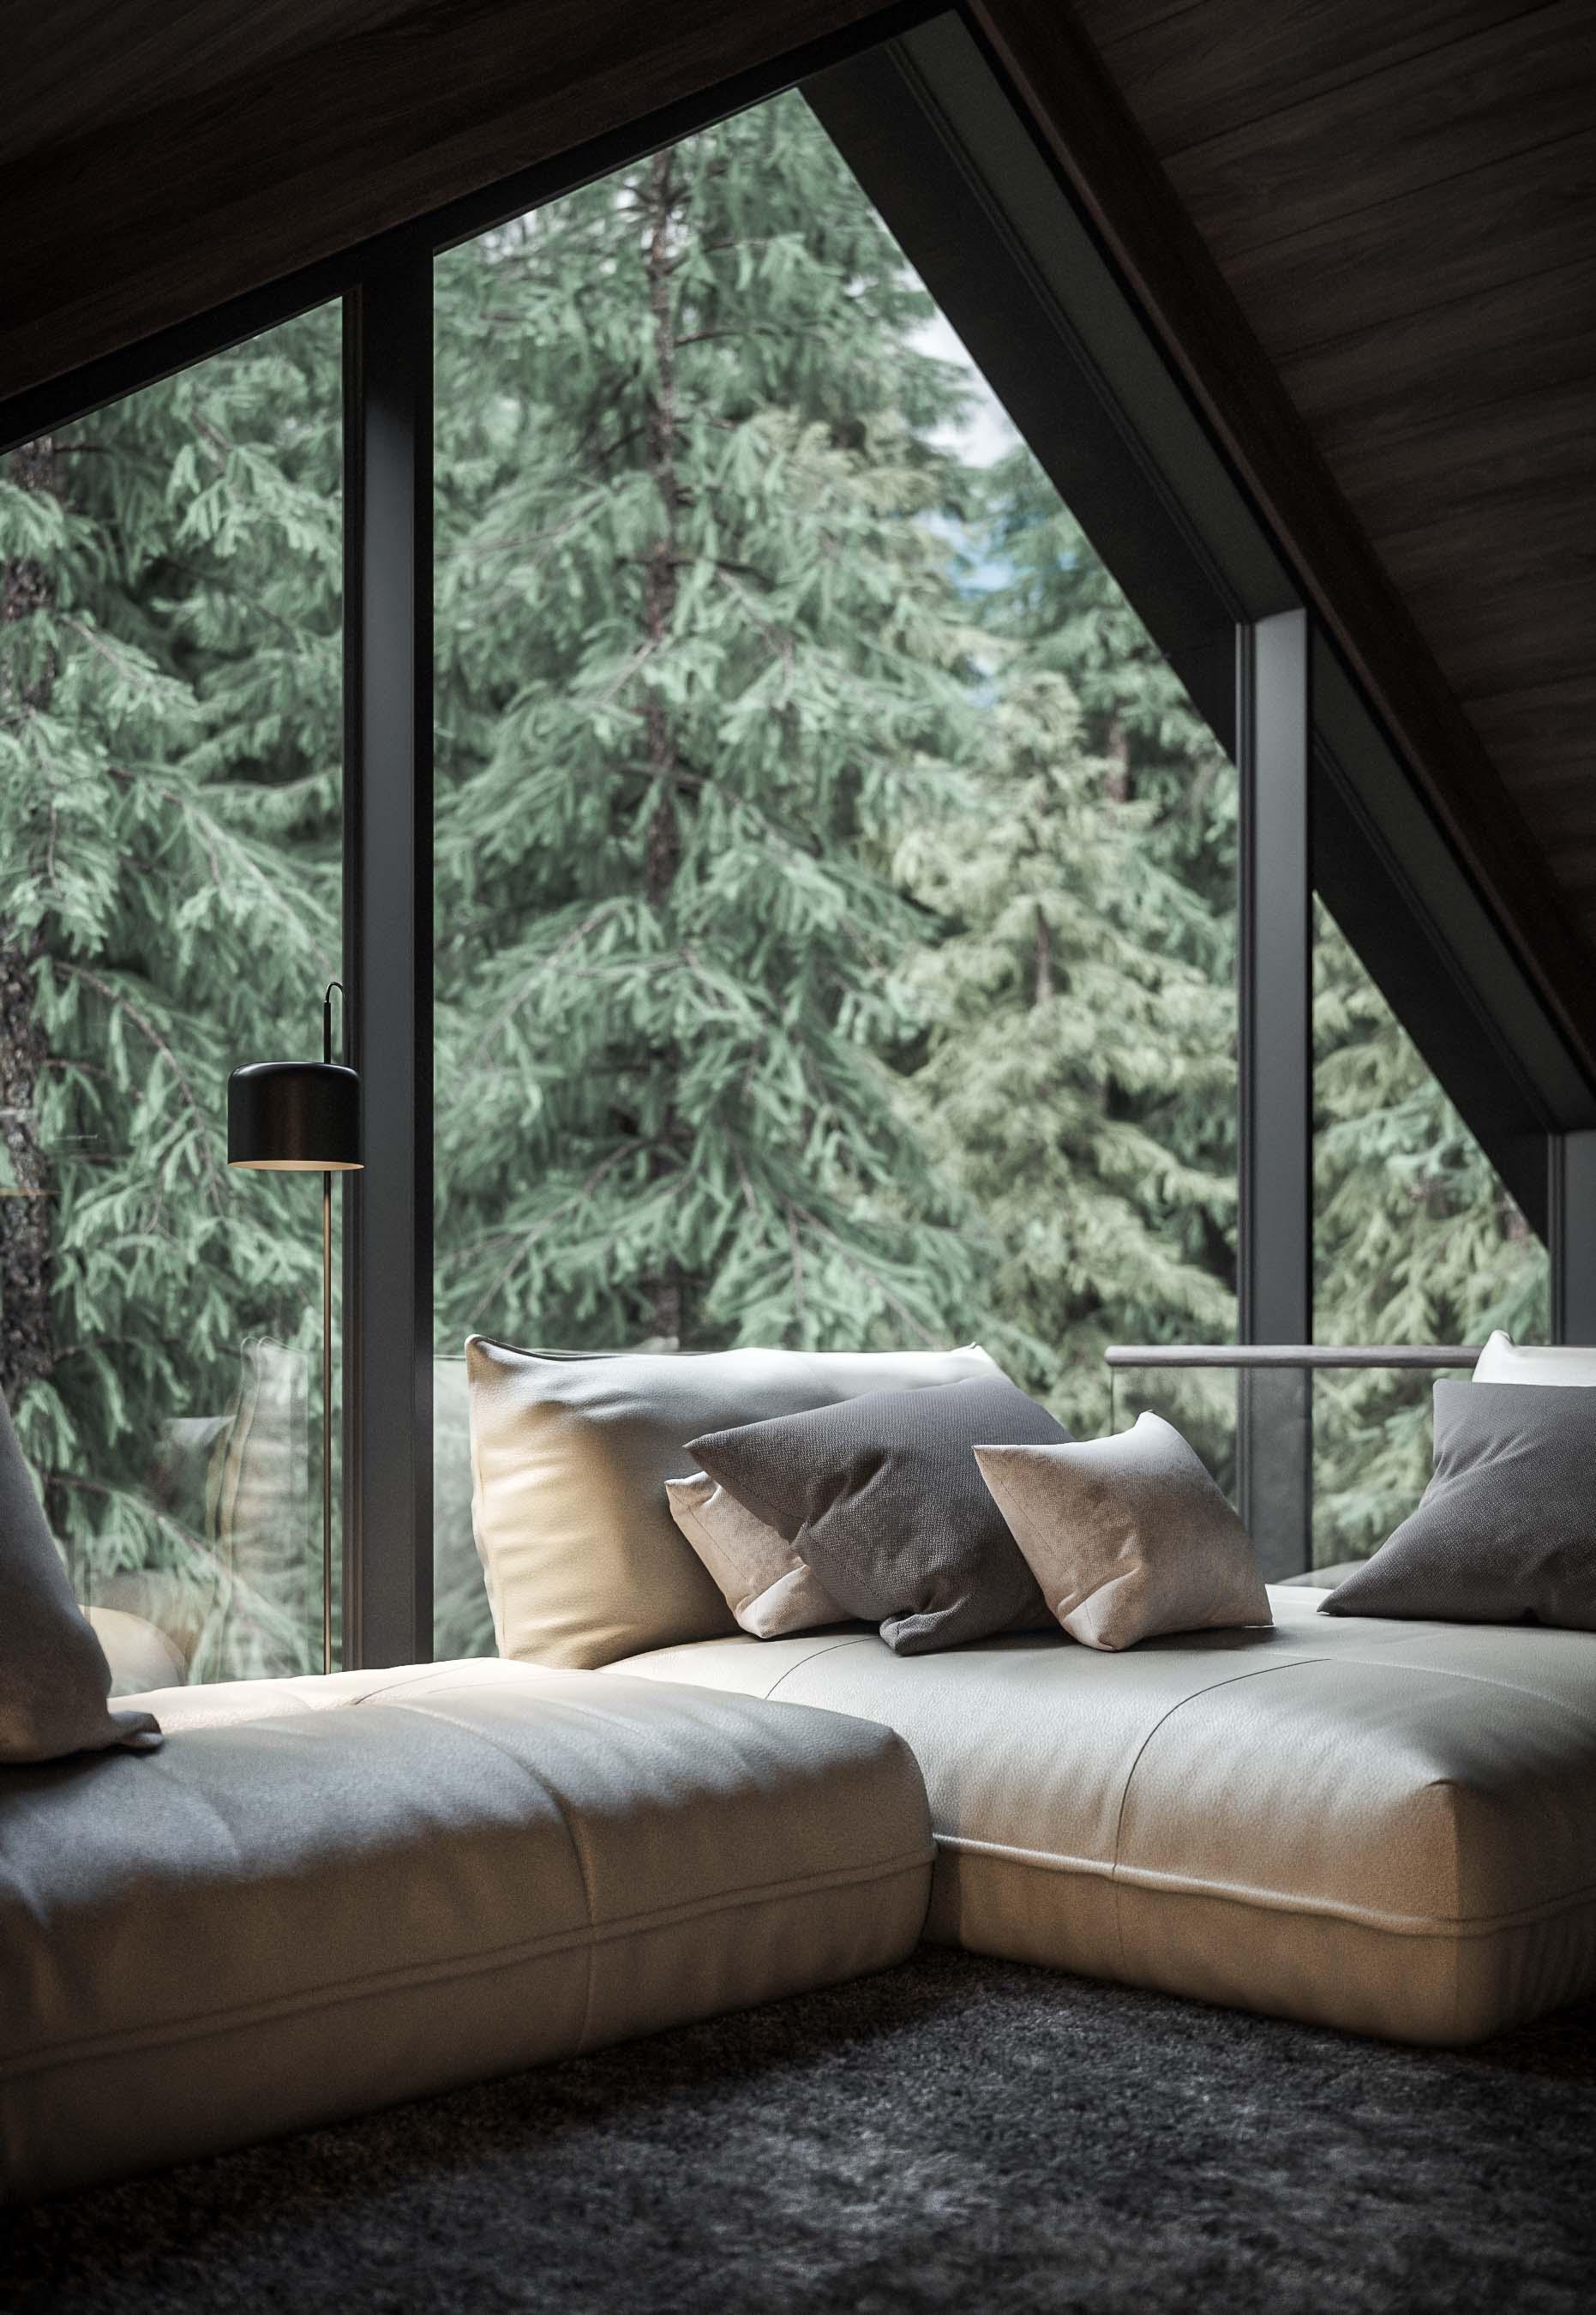 design interior minimalist cabana munte